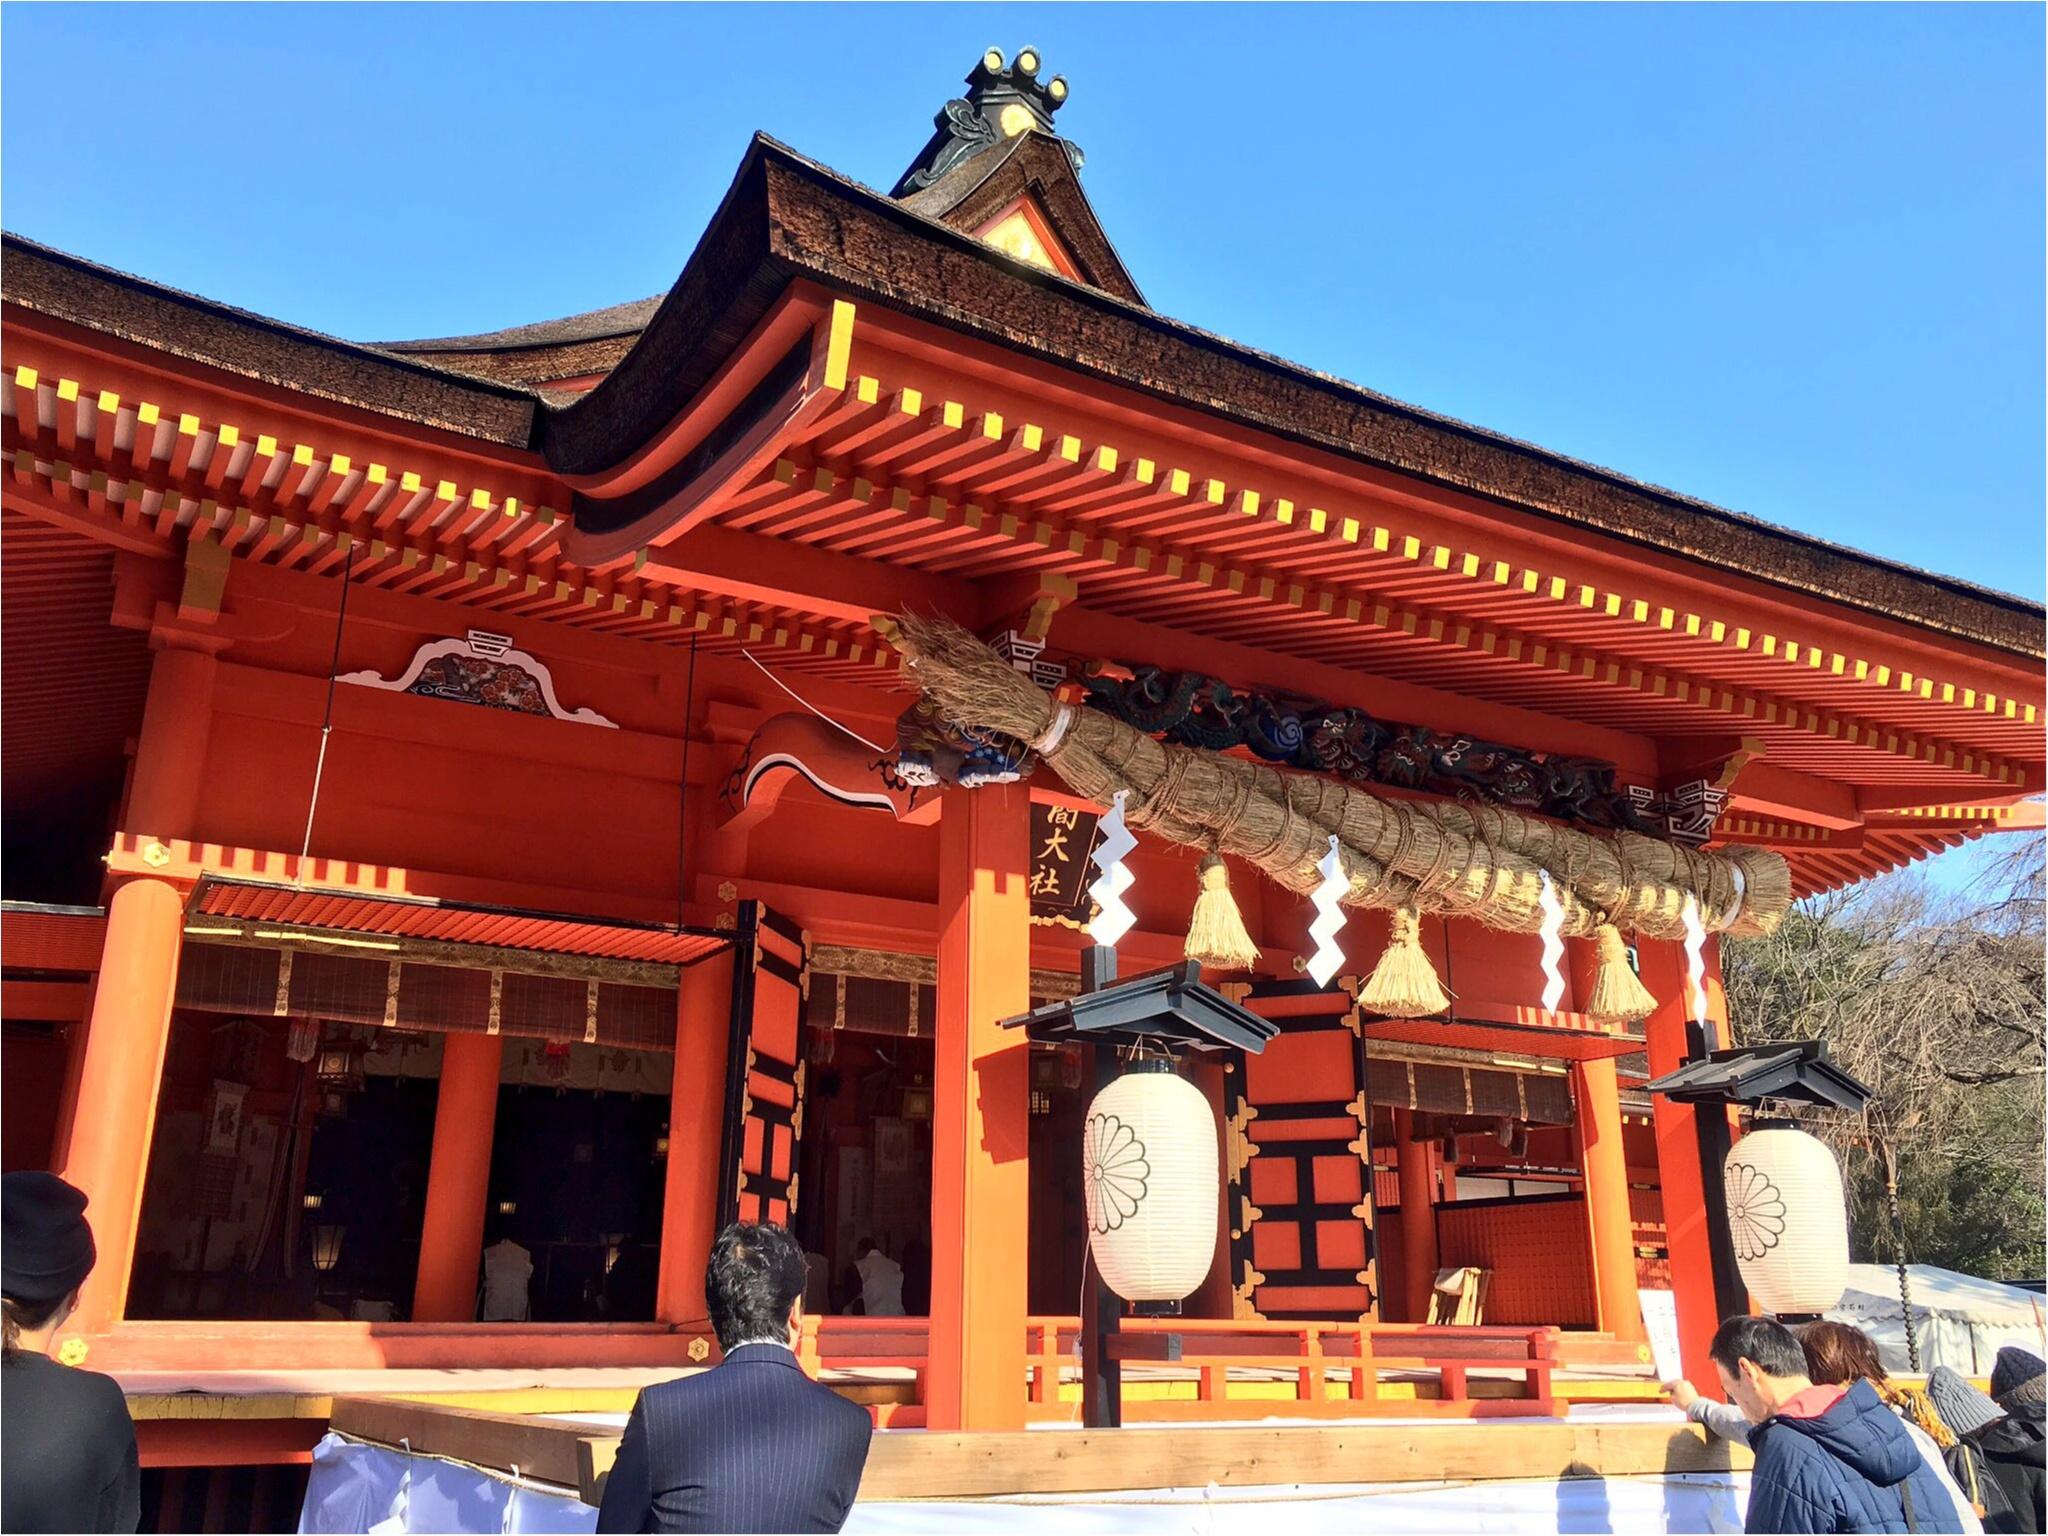 境内から富士山が見える♡全国1,300社ある浅間神社の総本社【富士山本宮浅間大社】に初詣に行ってきました(*´ ˘ `*)_3